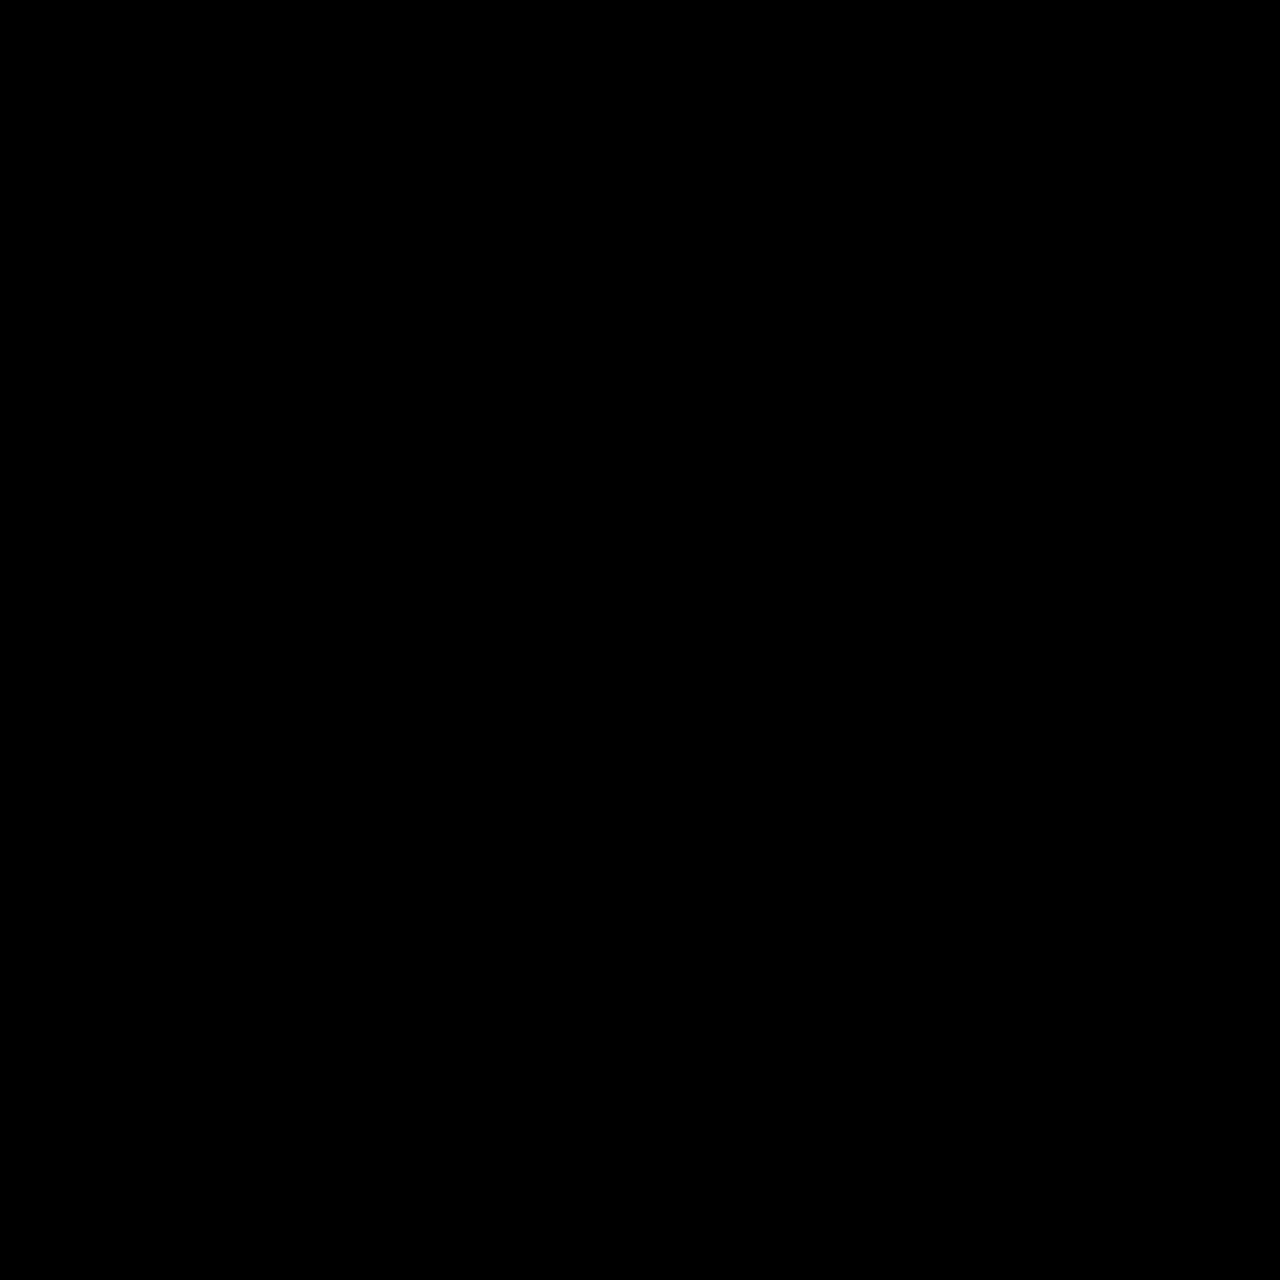 Алюкобонд 421 ГЛЯНЦЕВЫЙ ЧЕРНЫЙ 8880 ARABOND